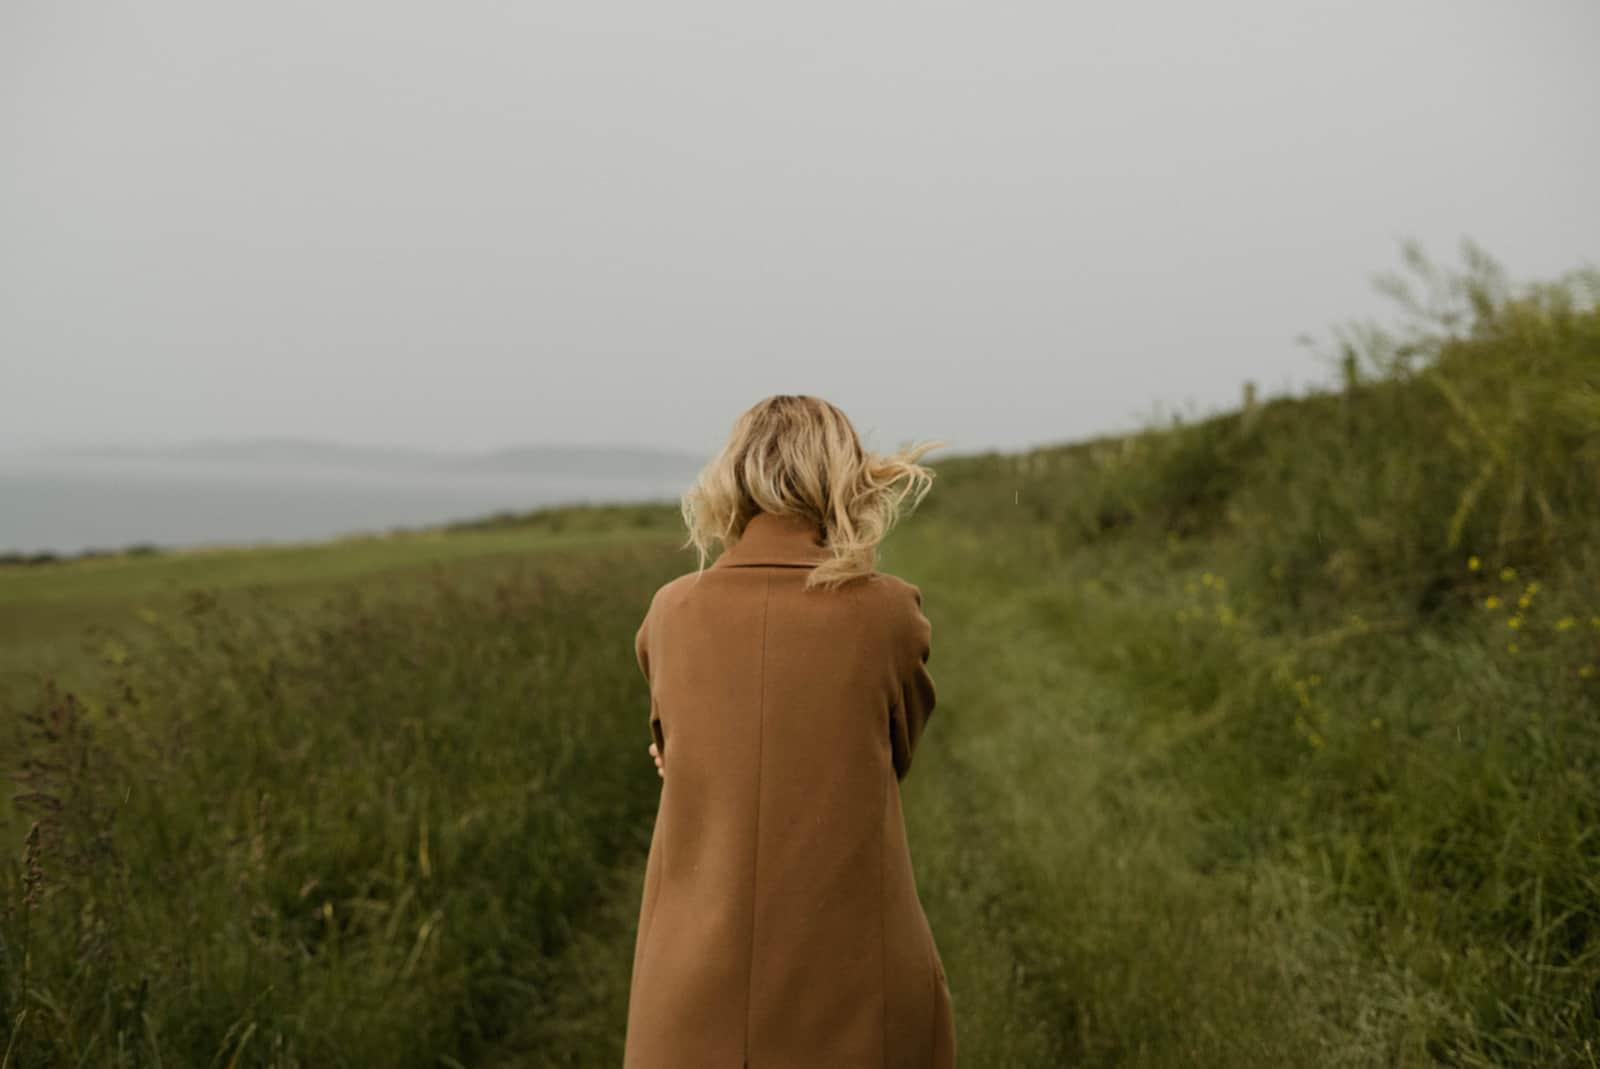 eine Frau, die an einem kalten Tag allein auf dem Feld geht